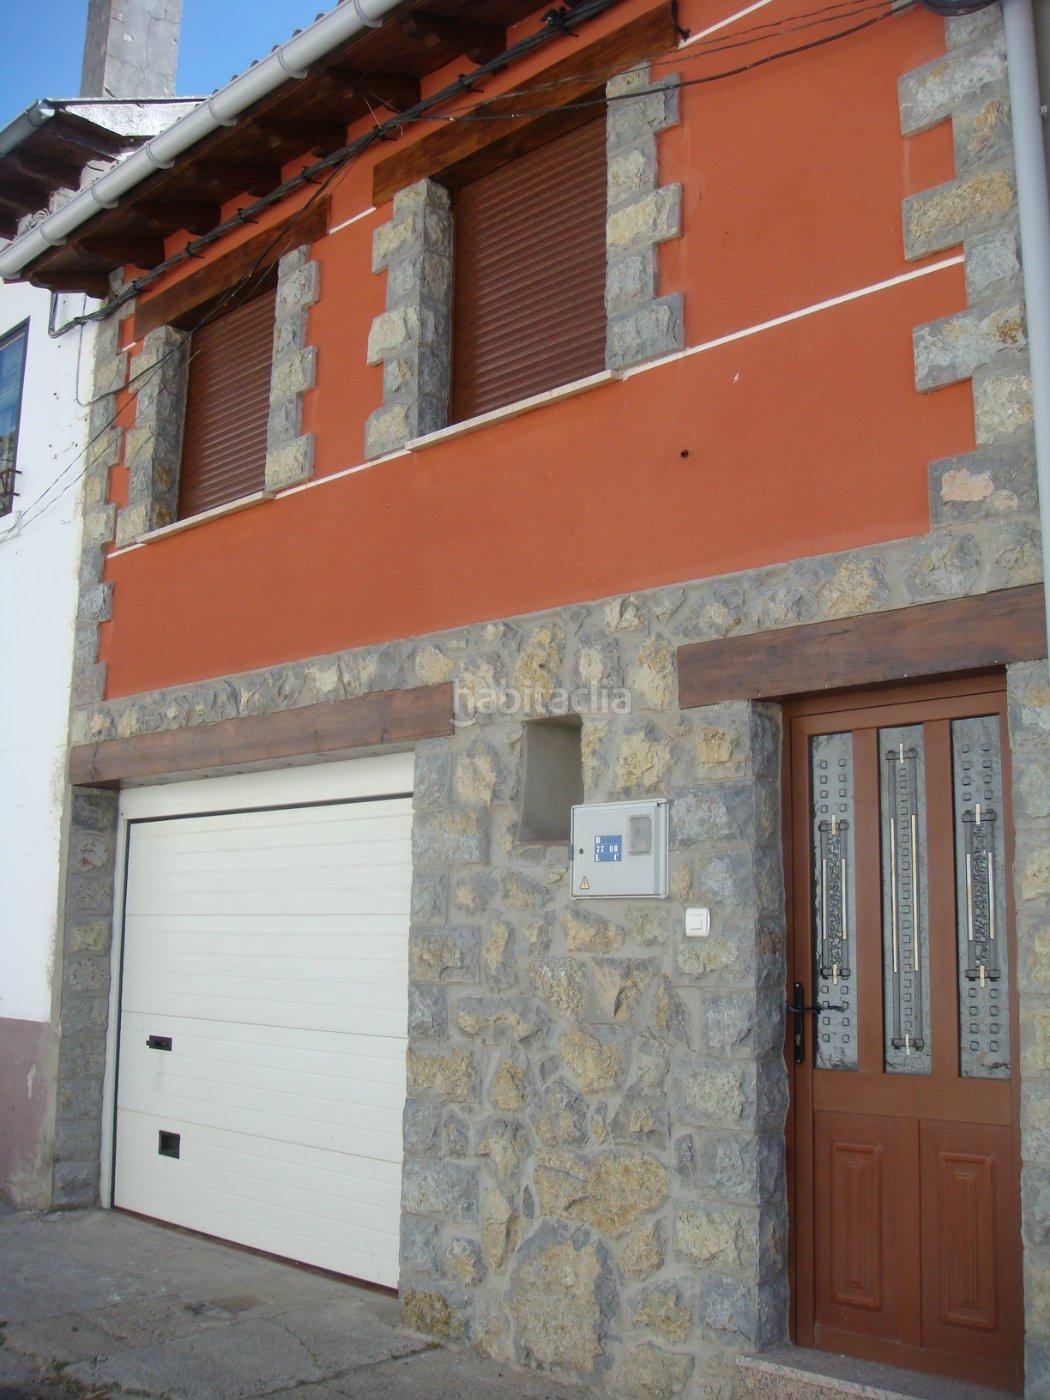 Casa por en calle oteruelo el oferton de obra - Casa obra nueva ...